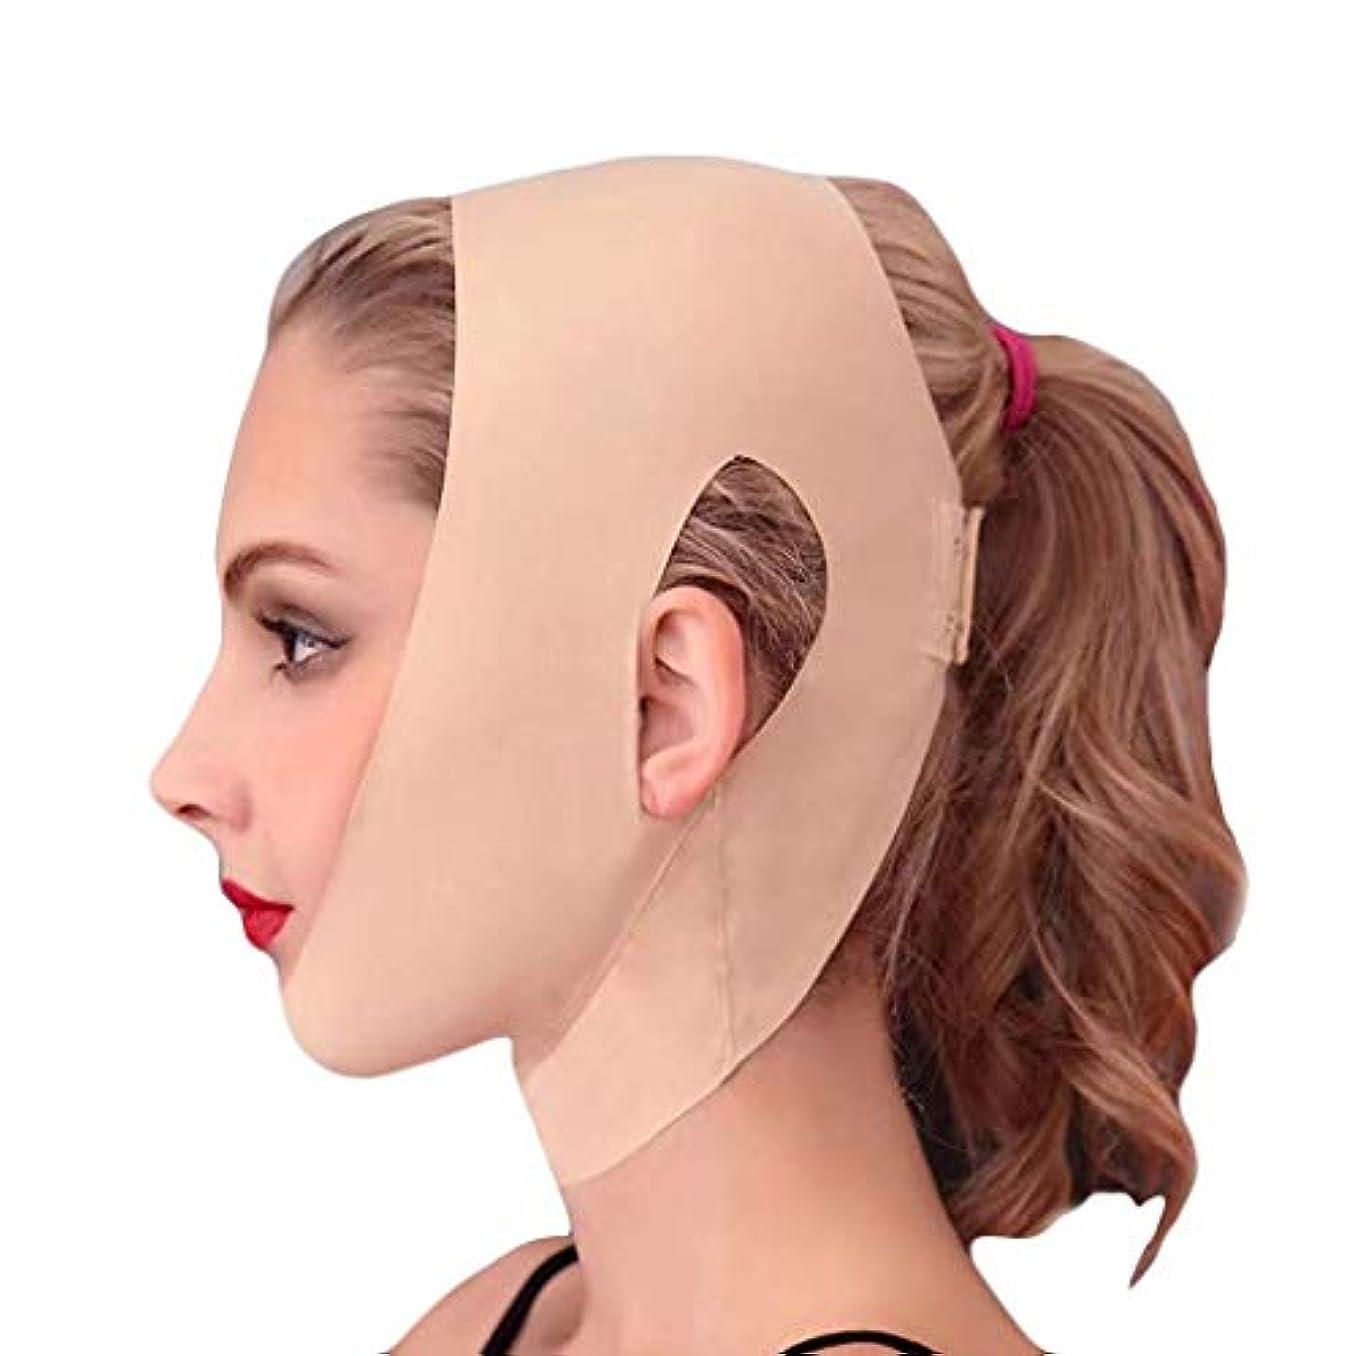 書き出す宿命絶望持ち上がるしっかりした包帯のための顔の持ち上がる用具、表面持ち上がること、引き締まること、顔の減量ベルト